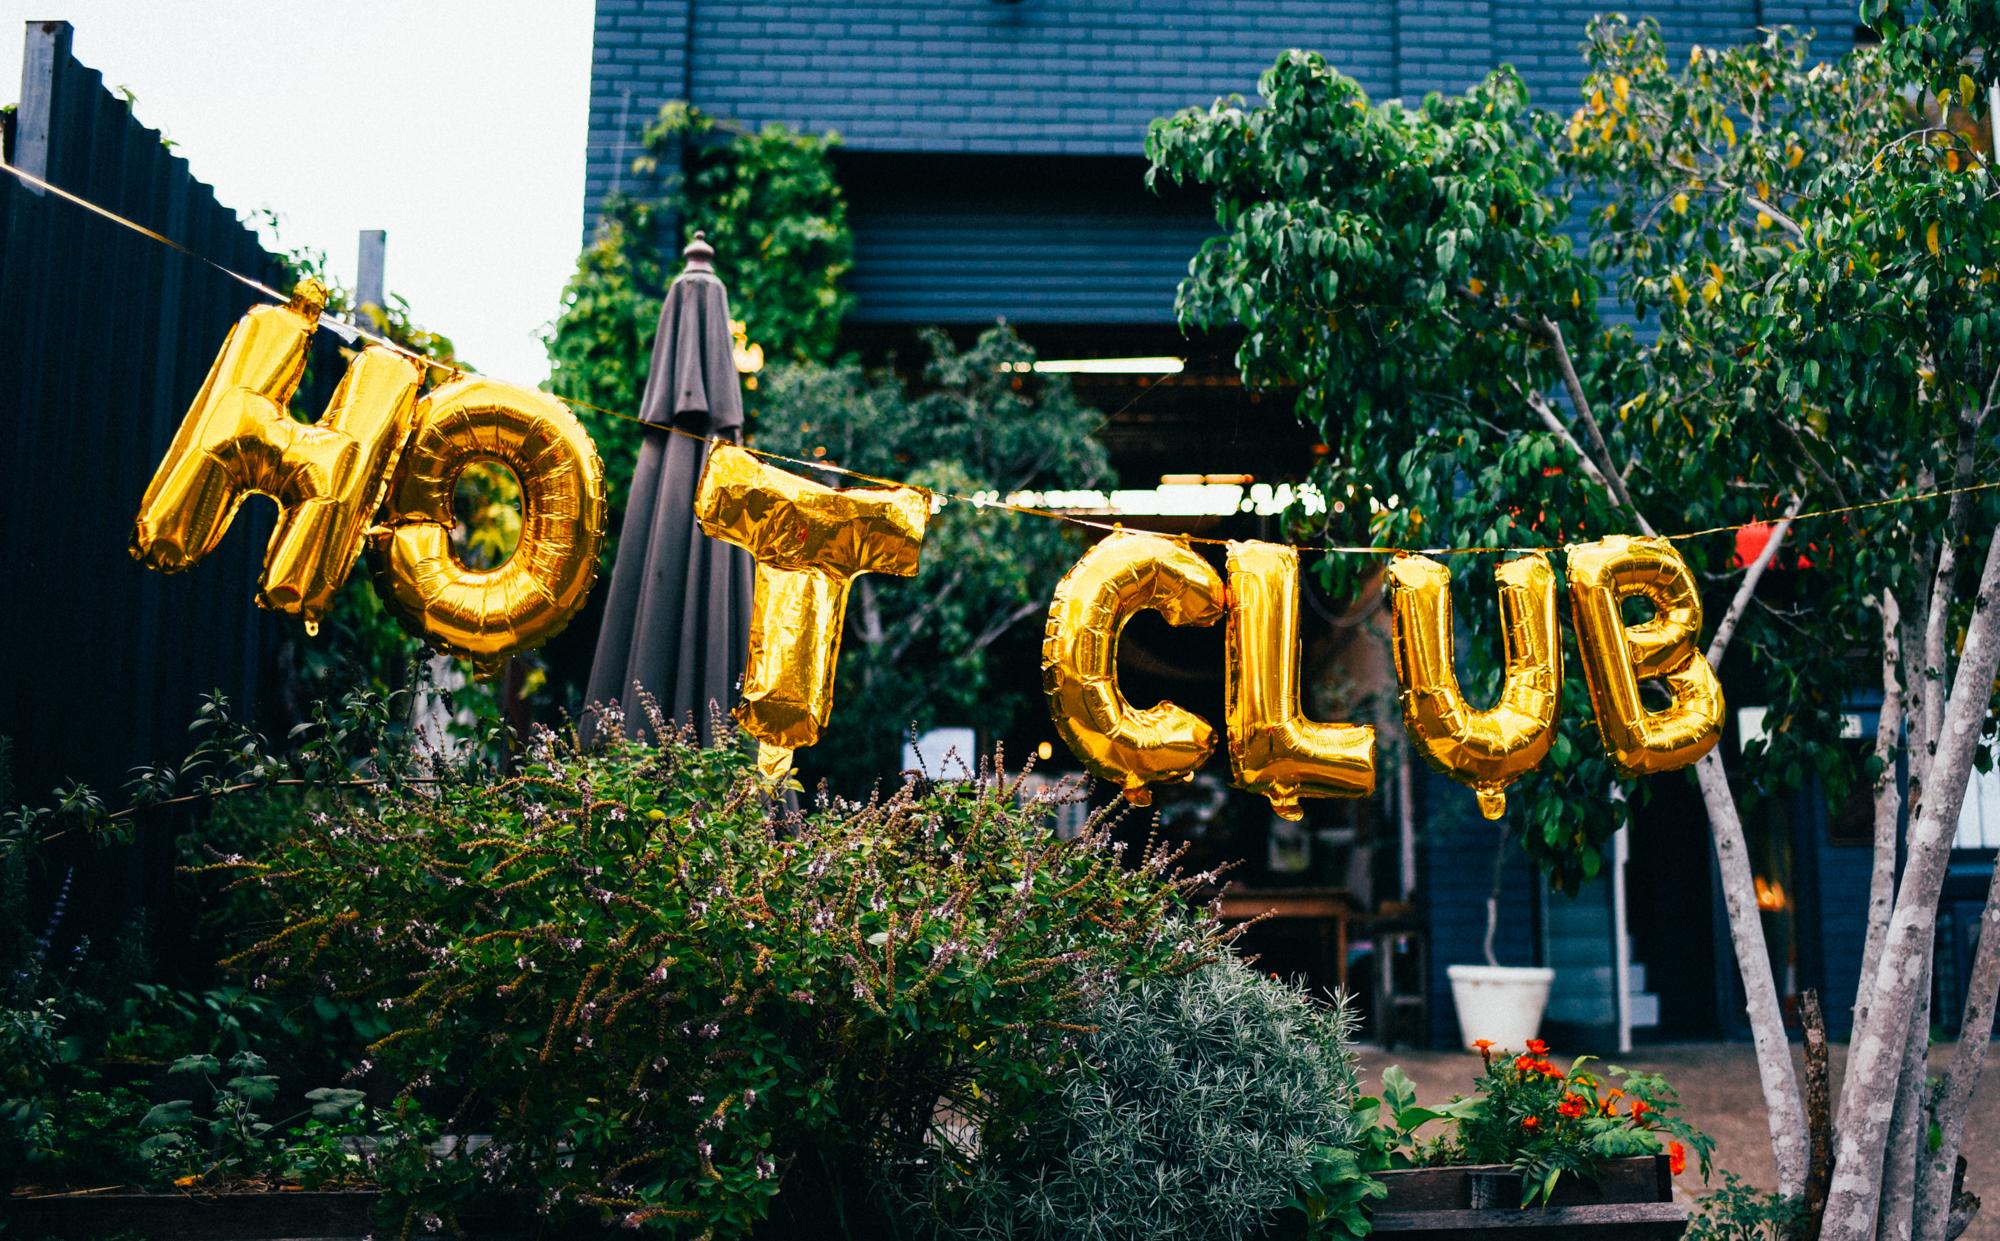 Vieille Branche Hot Club-2942.jpg